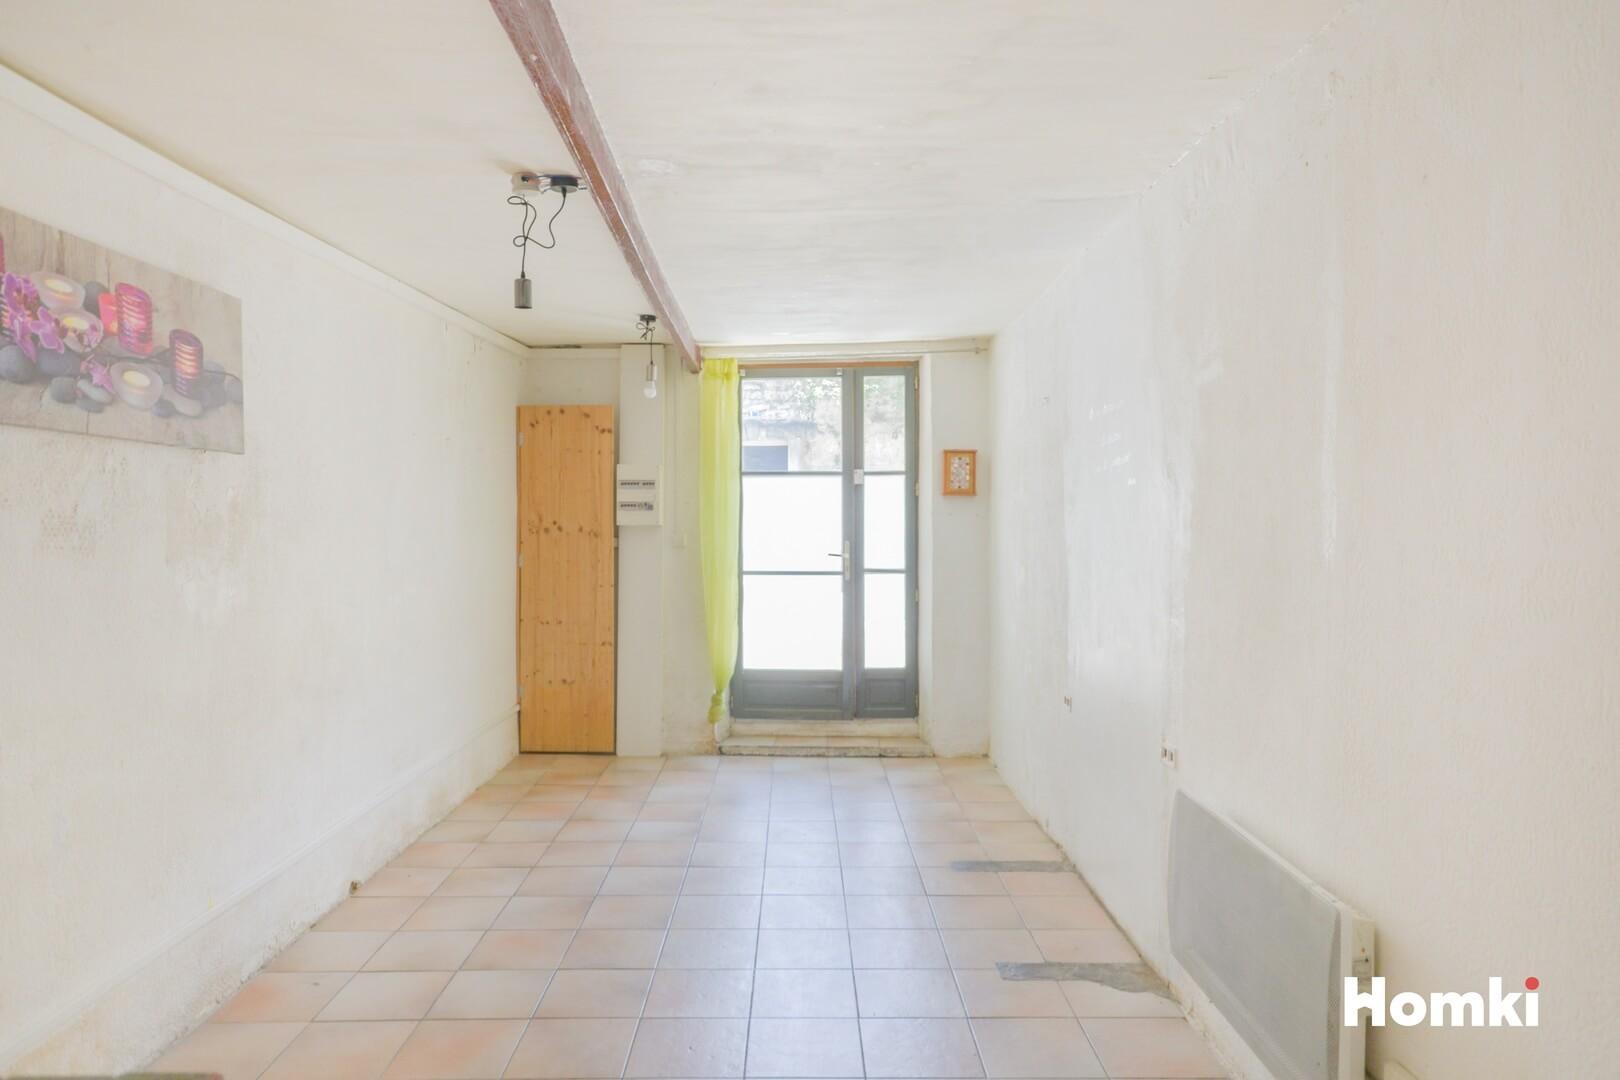 Homki - Vente Maison de ville  de 92.0 m² à Tarascon 13150